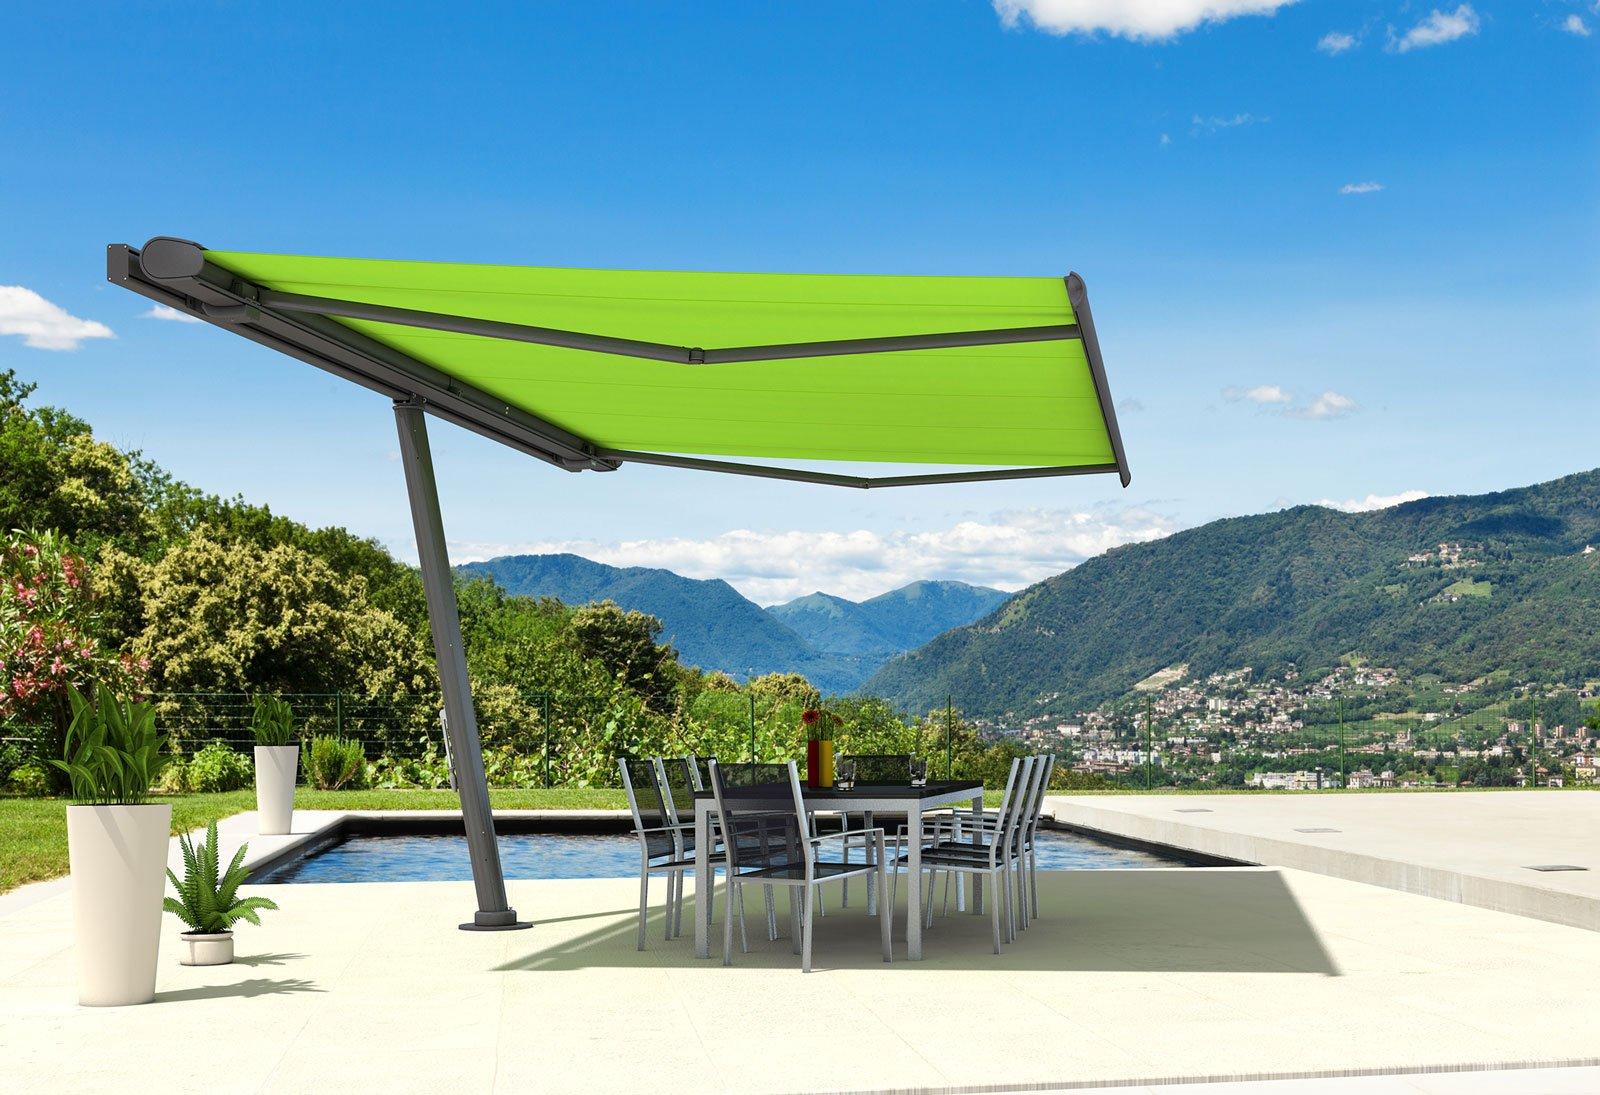 Tende e protezioni per il sole per una stanza in pi all 39 aperto al riparo dal caldo cose di - Riparazione ombrelloni da giardino ...